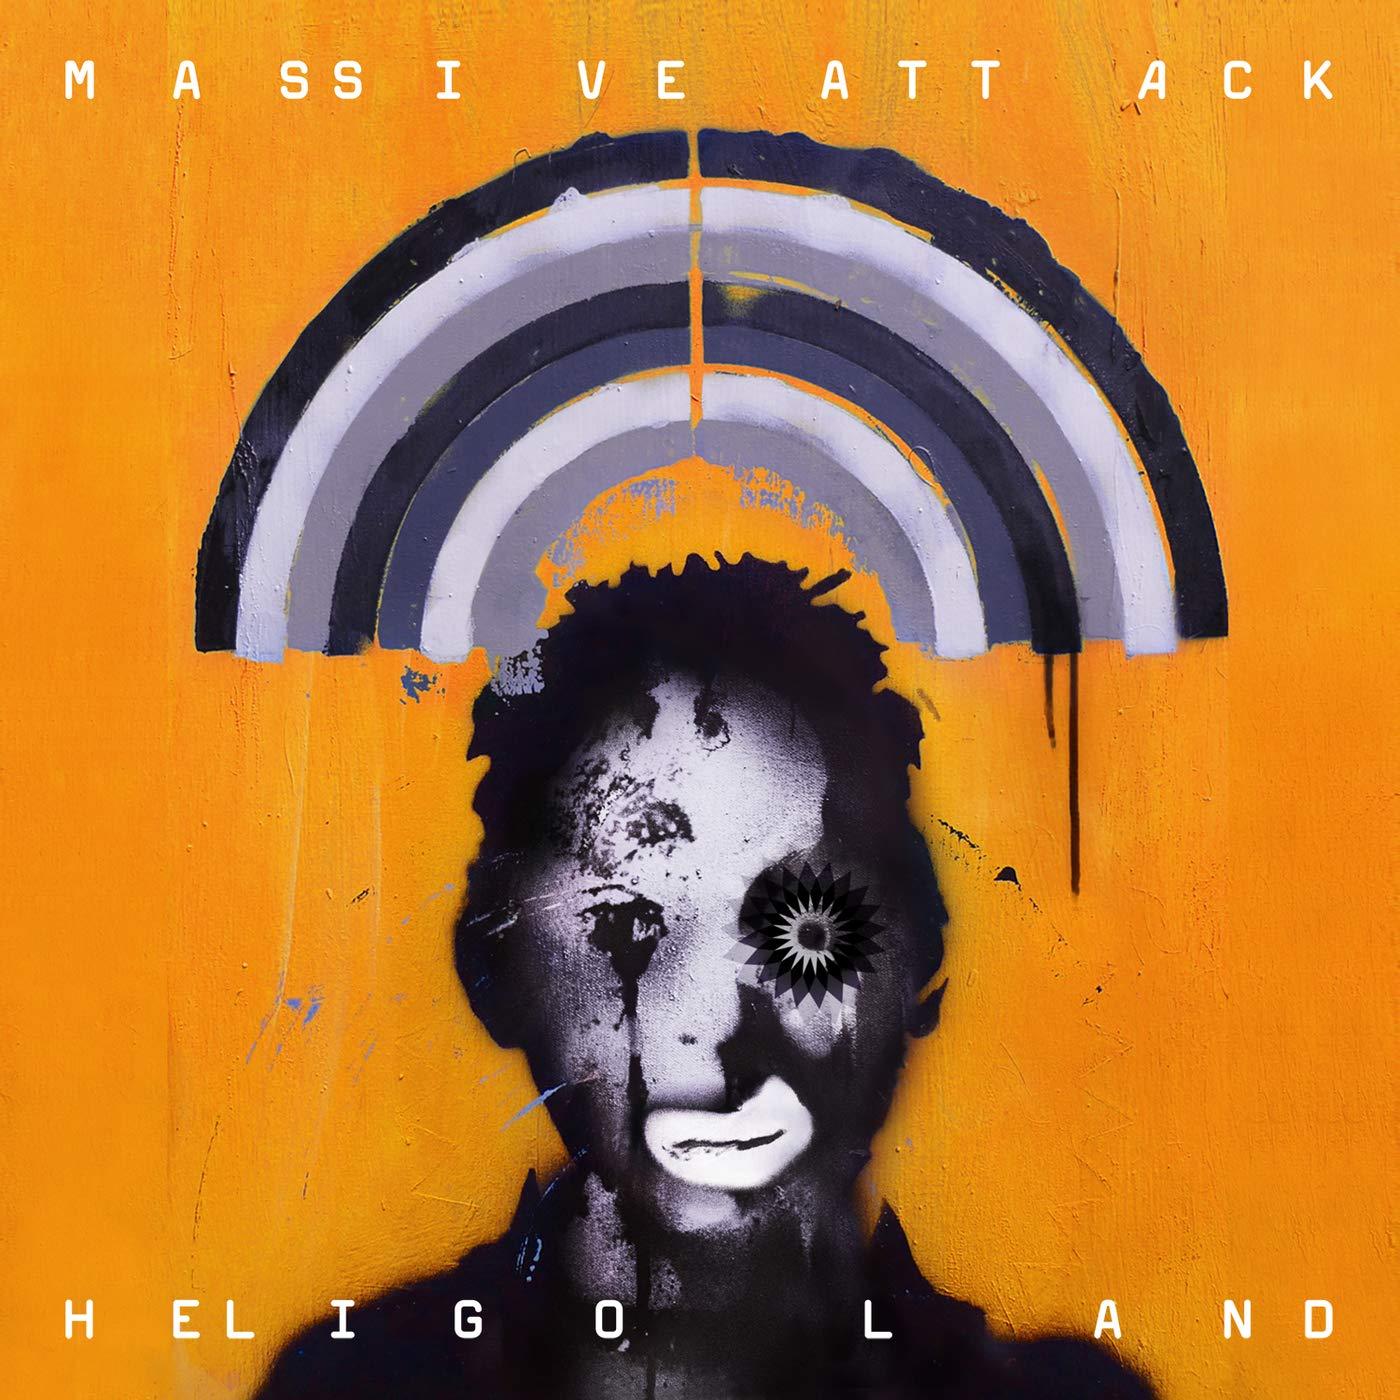 Massive Attack, Heligoland